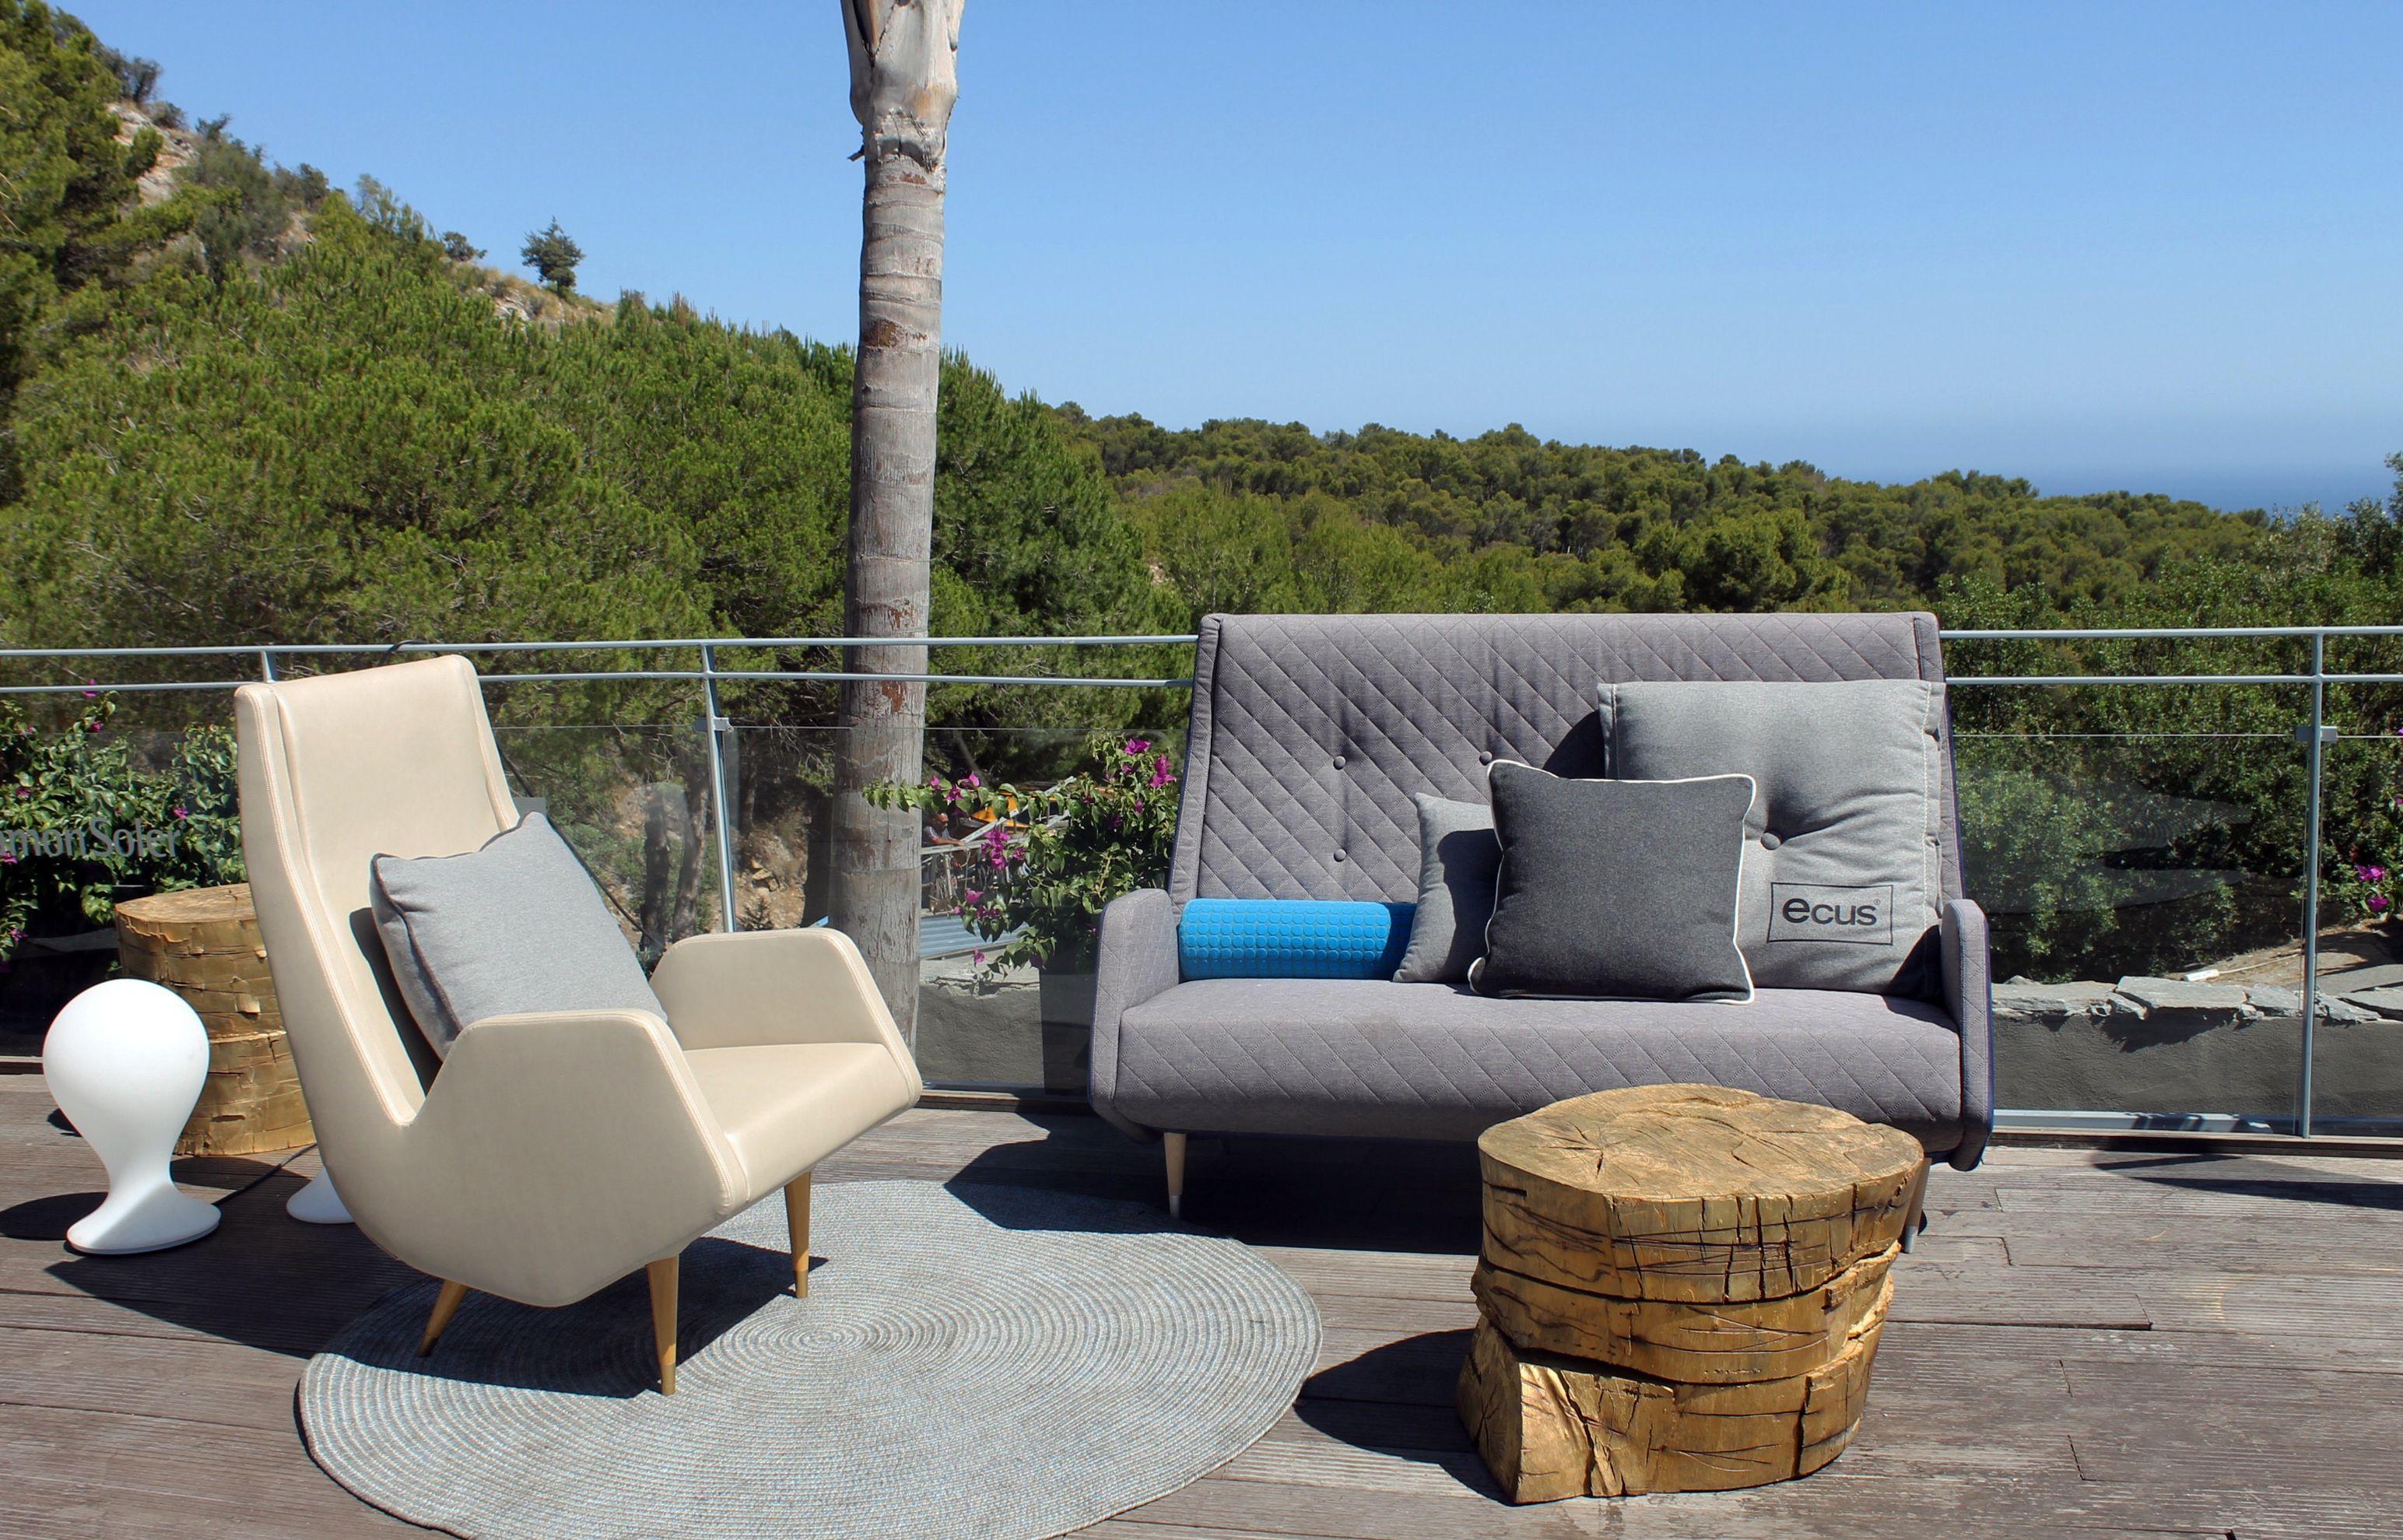 Terraza Lounge VIP de Starlite Marbella diseñada por Carmen Barasona con luminarias BAT y ONA de MILAN Iluminación y sofás CARMELA de Carmen Barasona para ECUS. #ecus #milaniluminacion #ecus #milaniluminacion